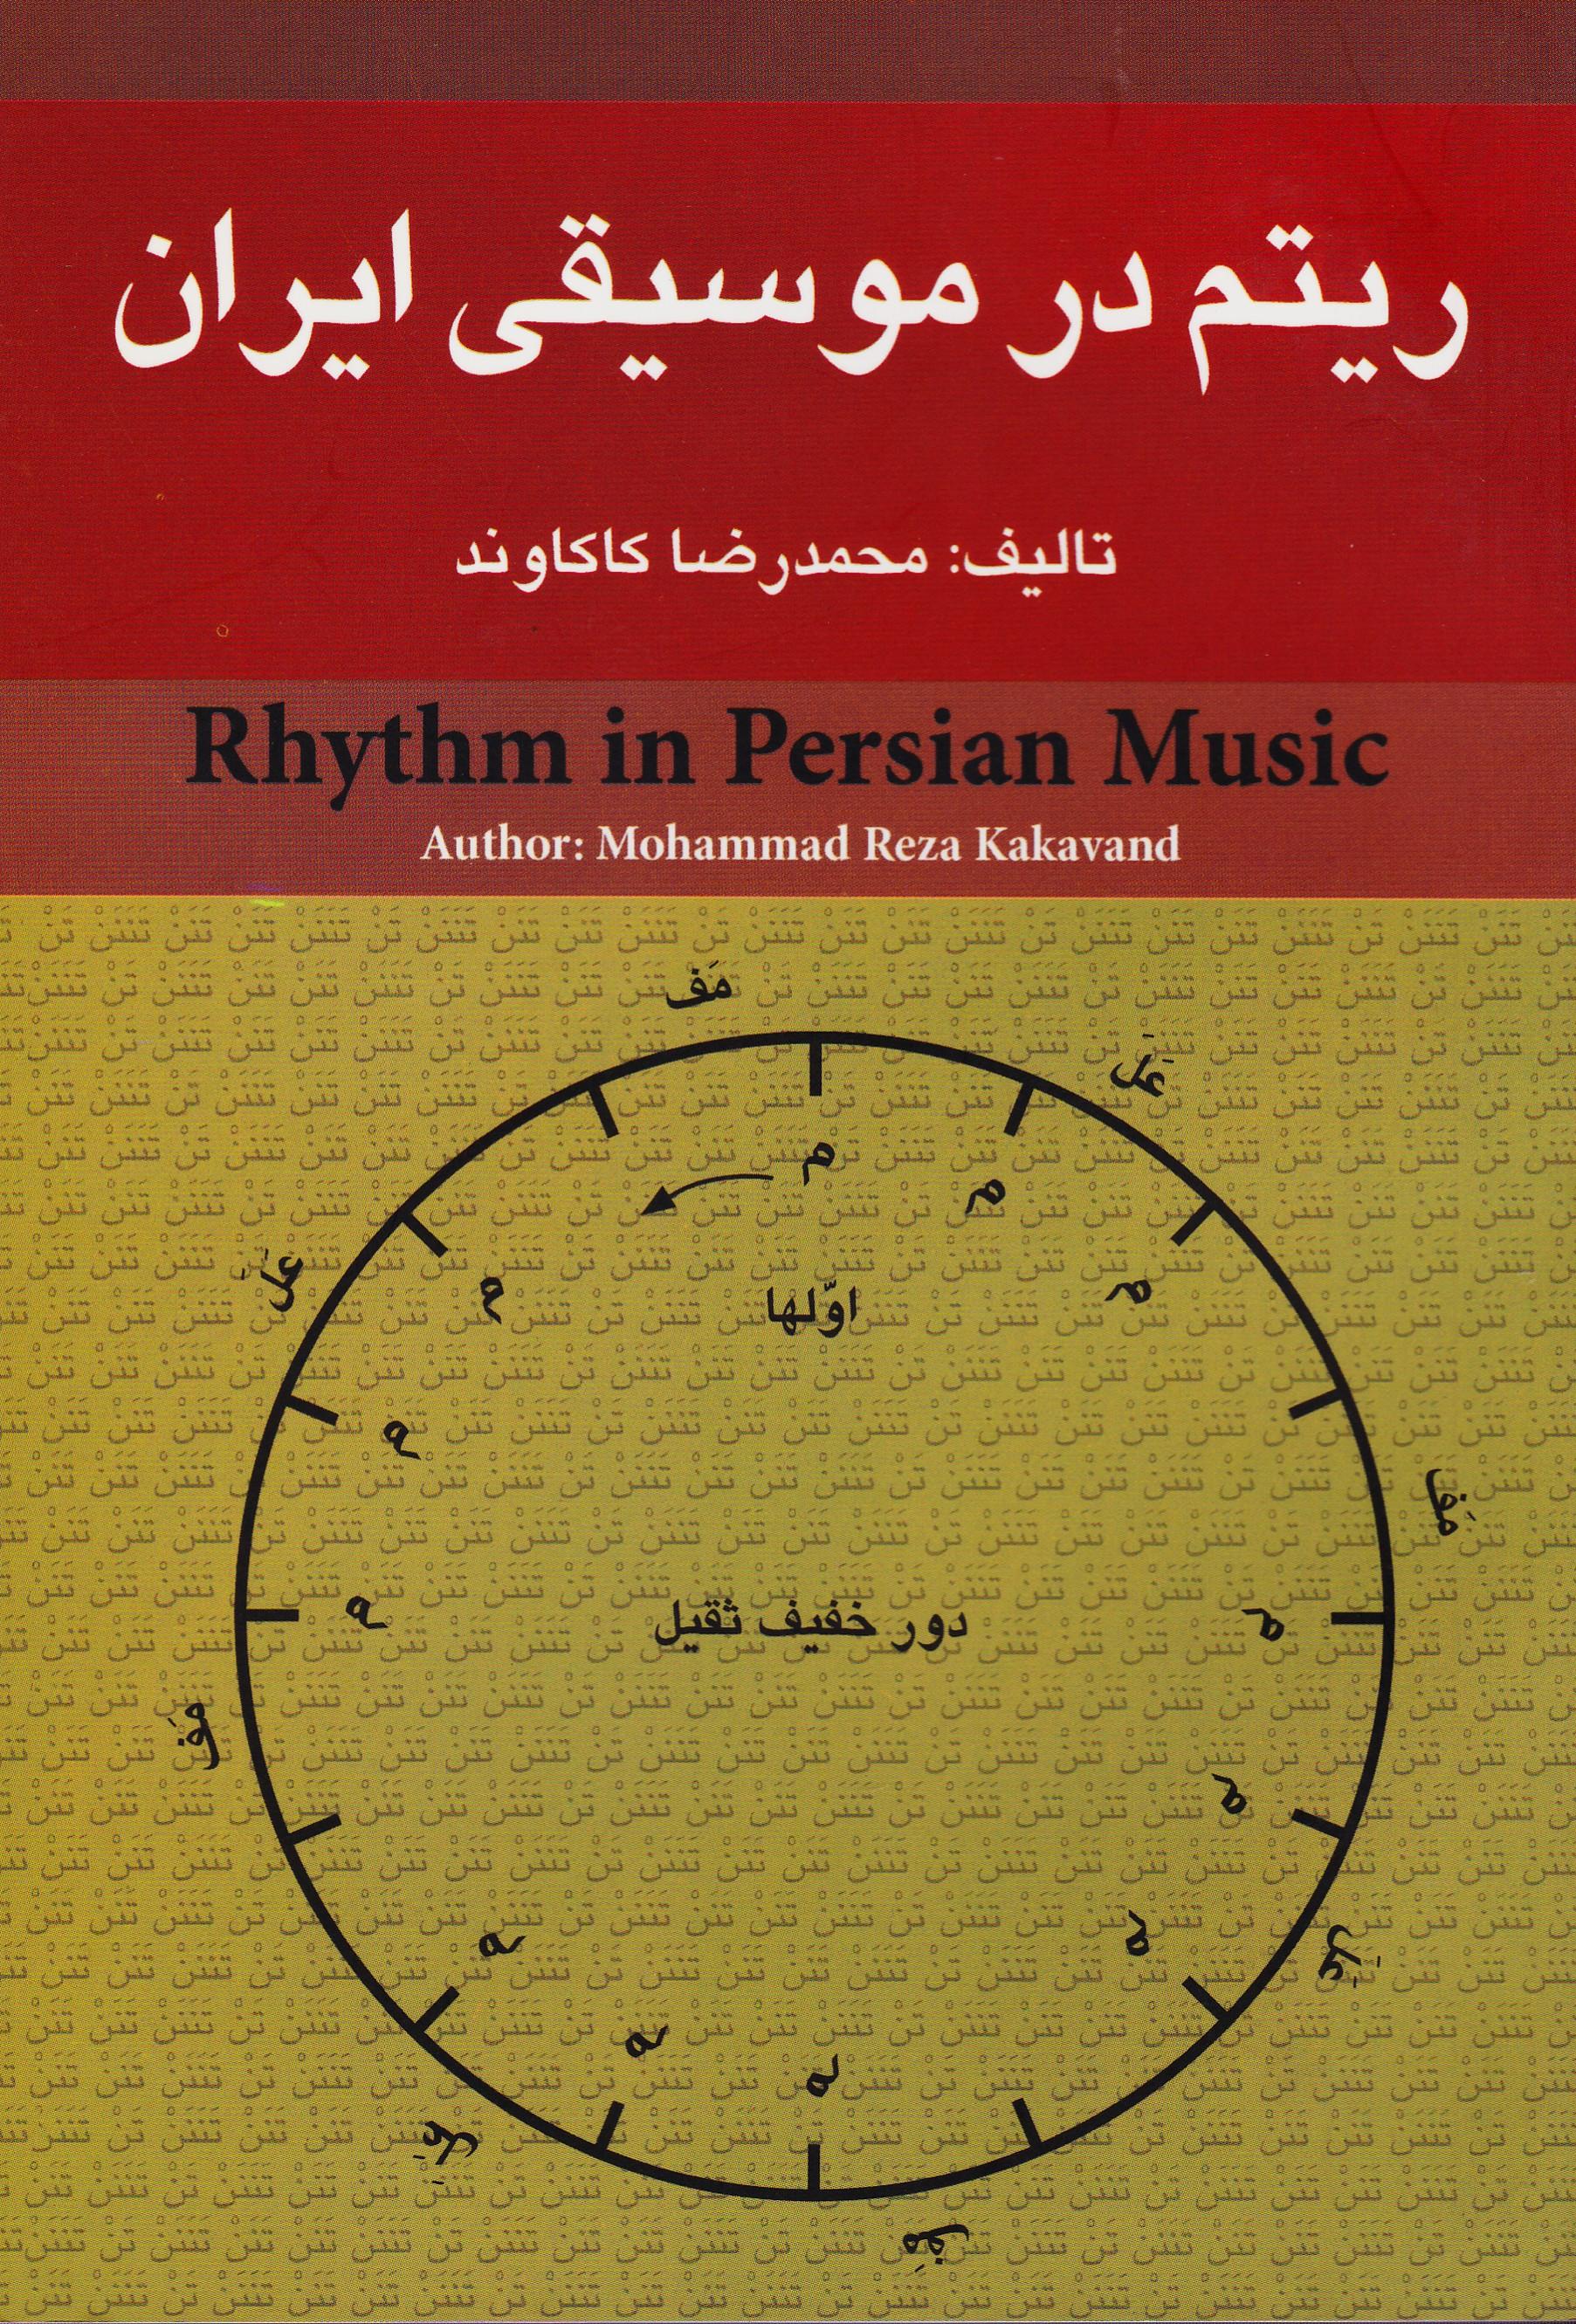 ریتم در موسیقی ایران (کاکاوند)